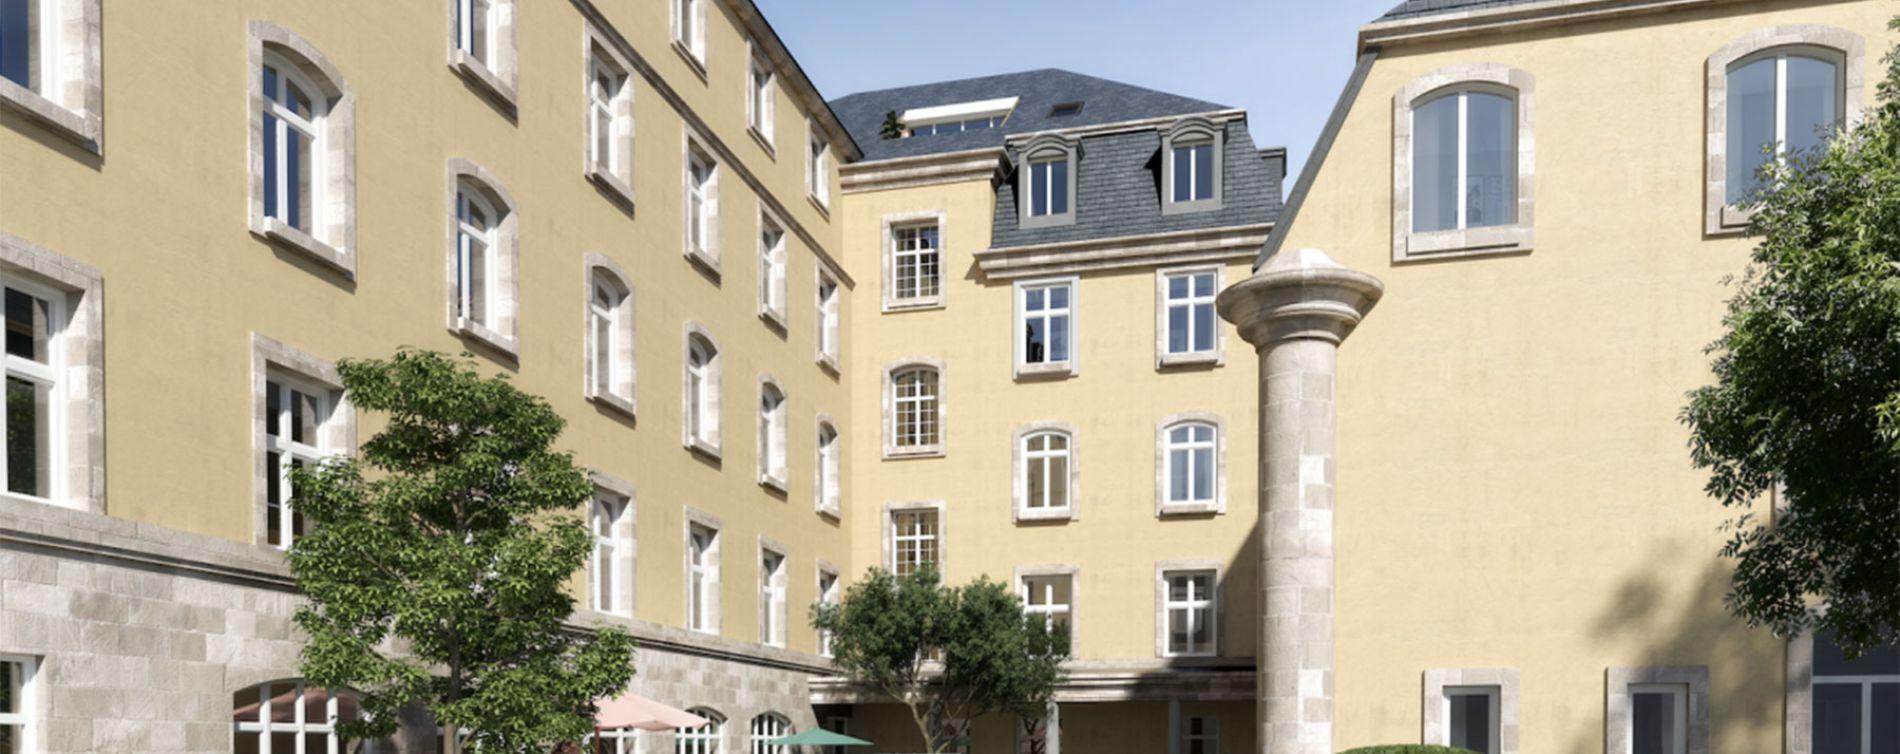 Résidence Ostel Sainte Odile à Strasbourg